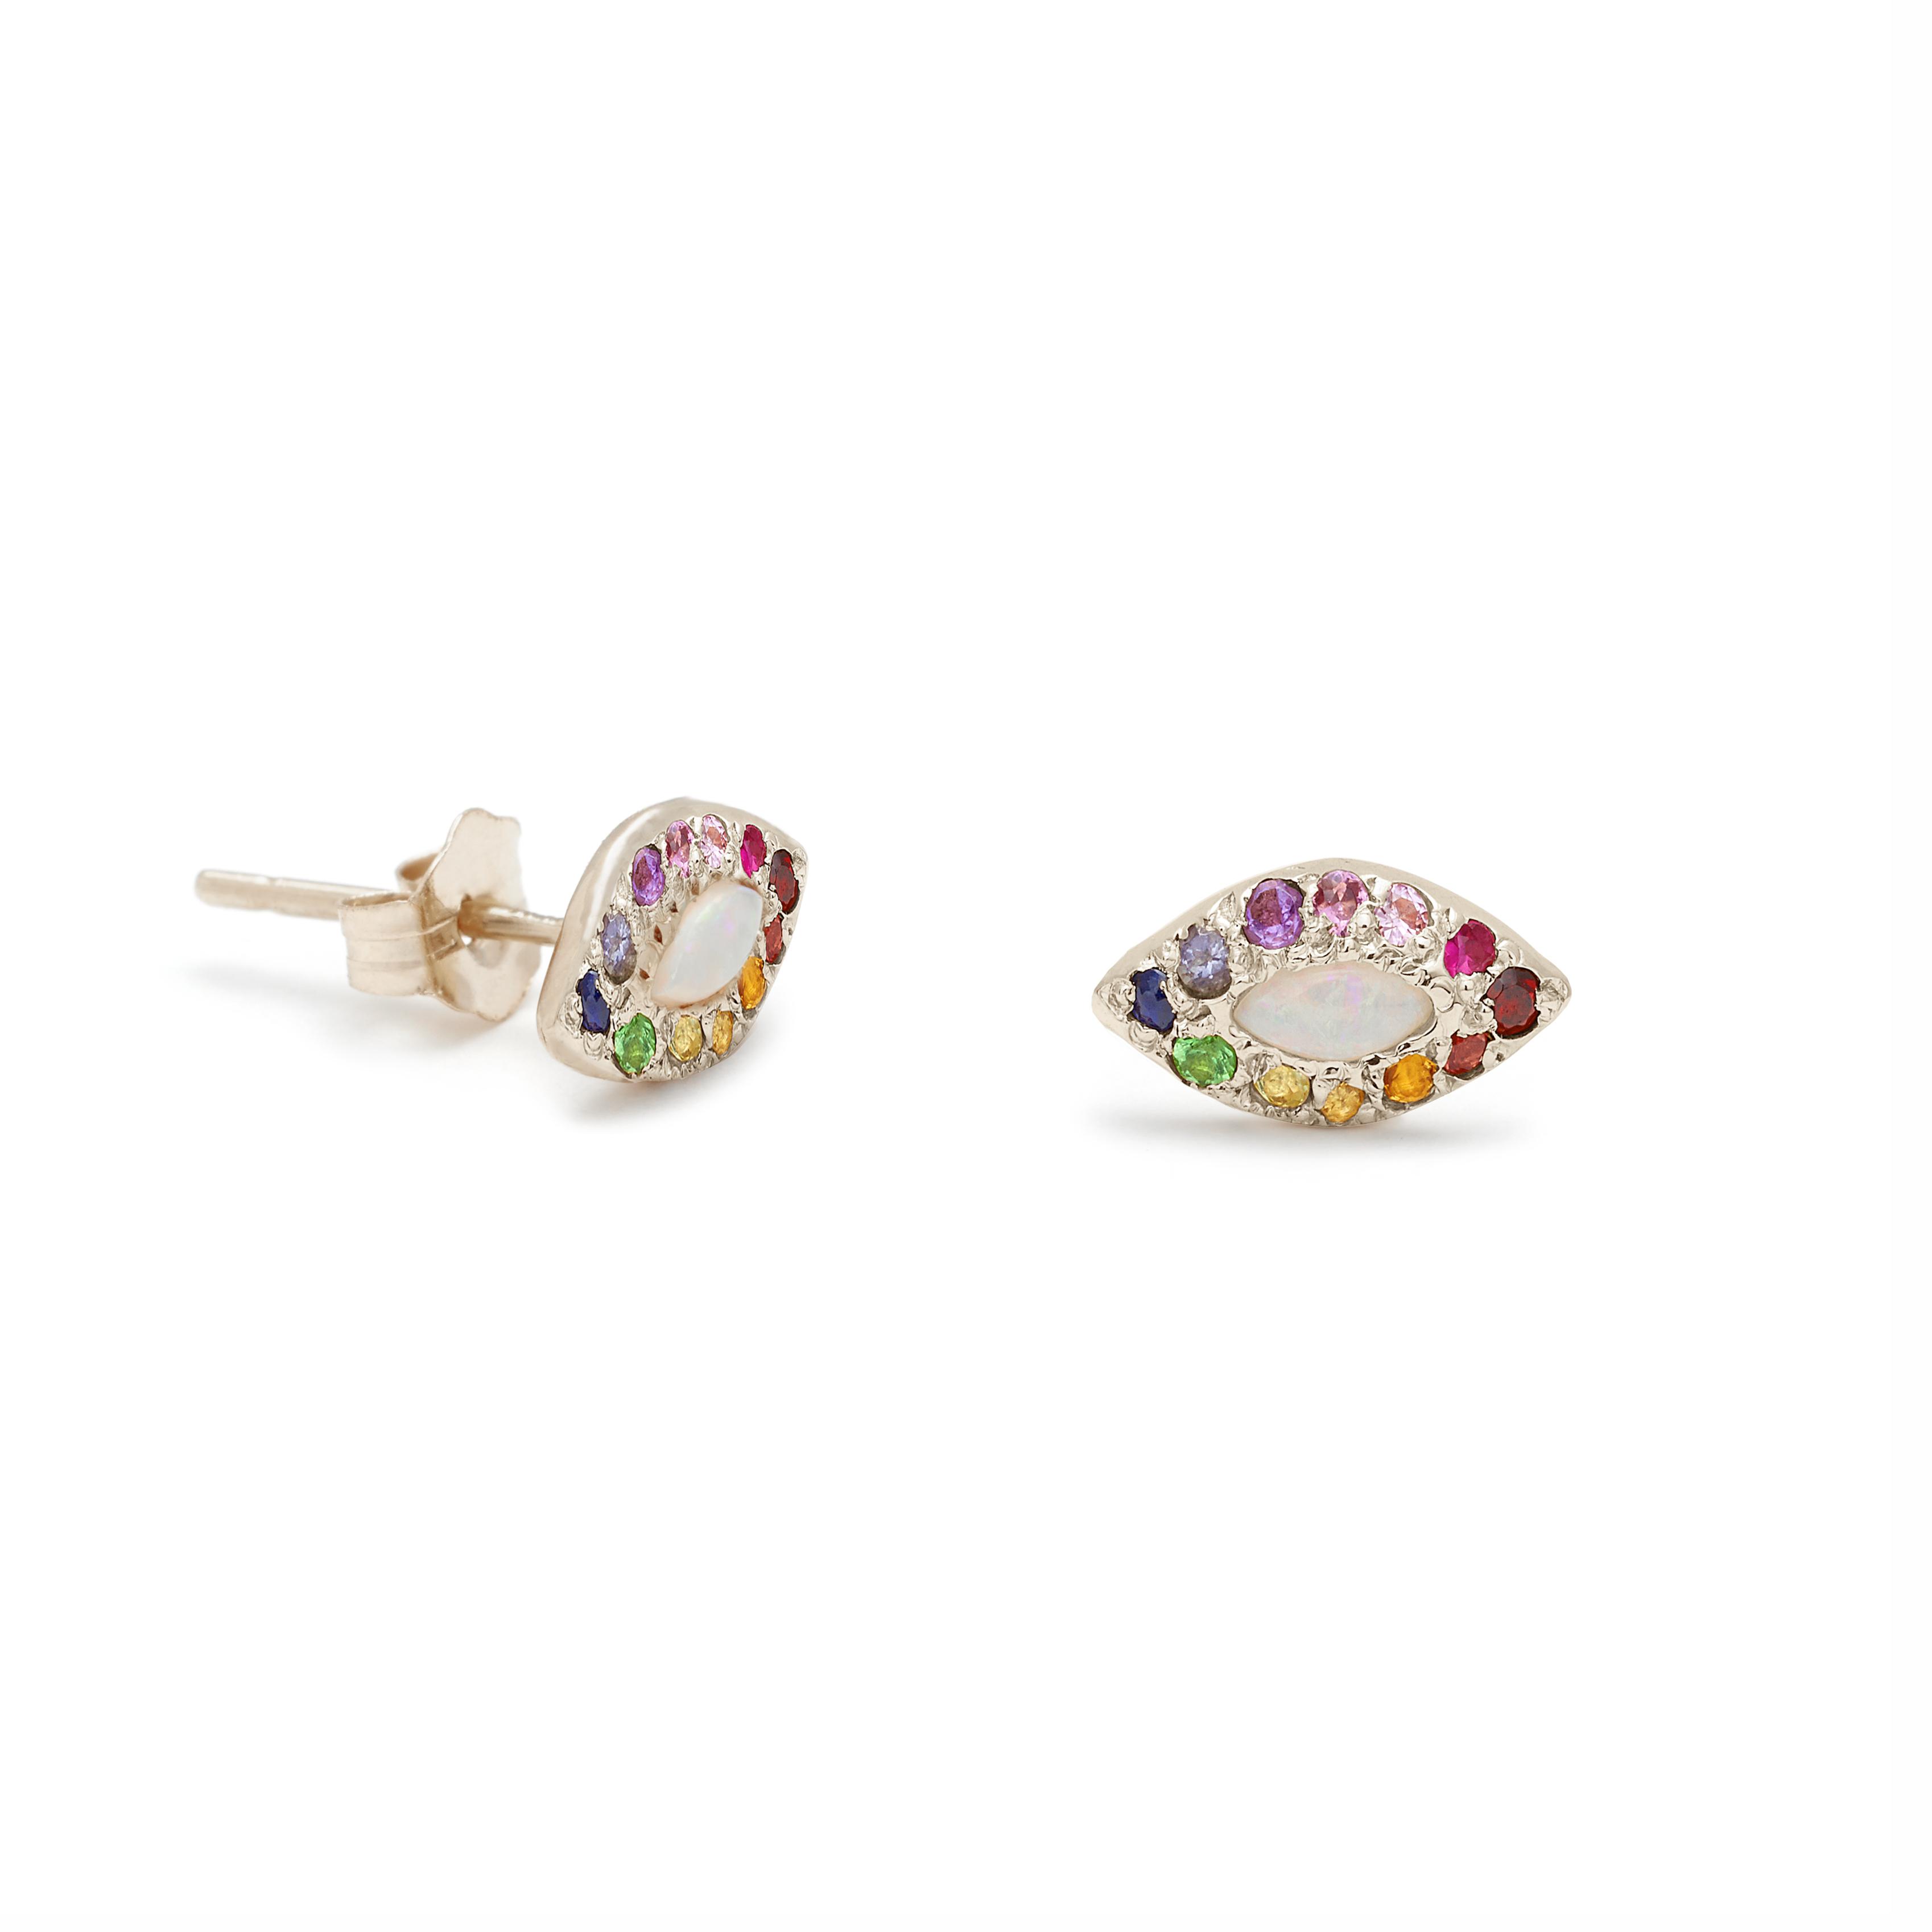 White Gold Opal Rainbow Eye Stud Earrings - Elisa Solomon Jewelry